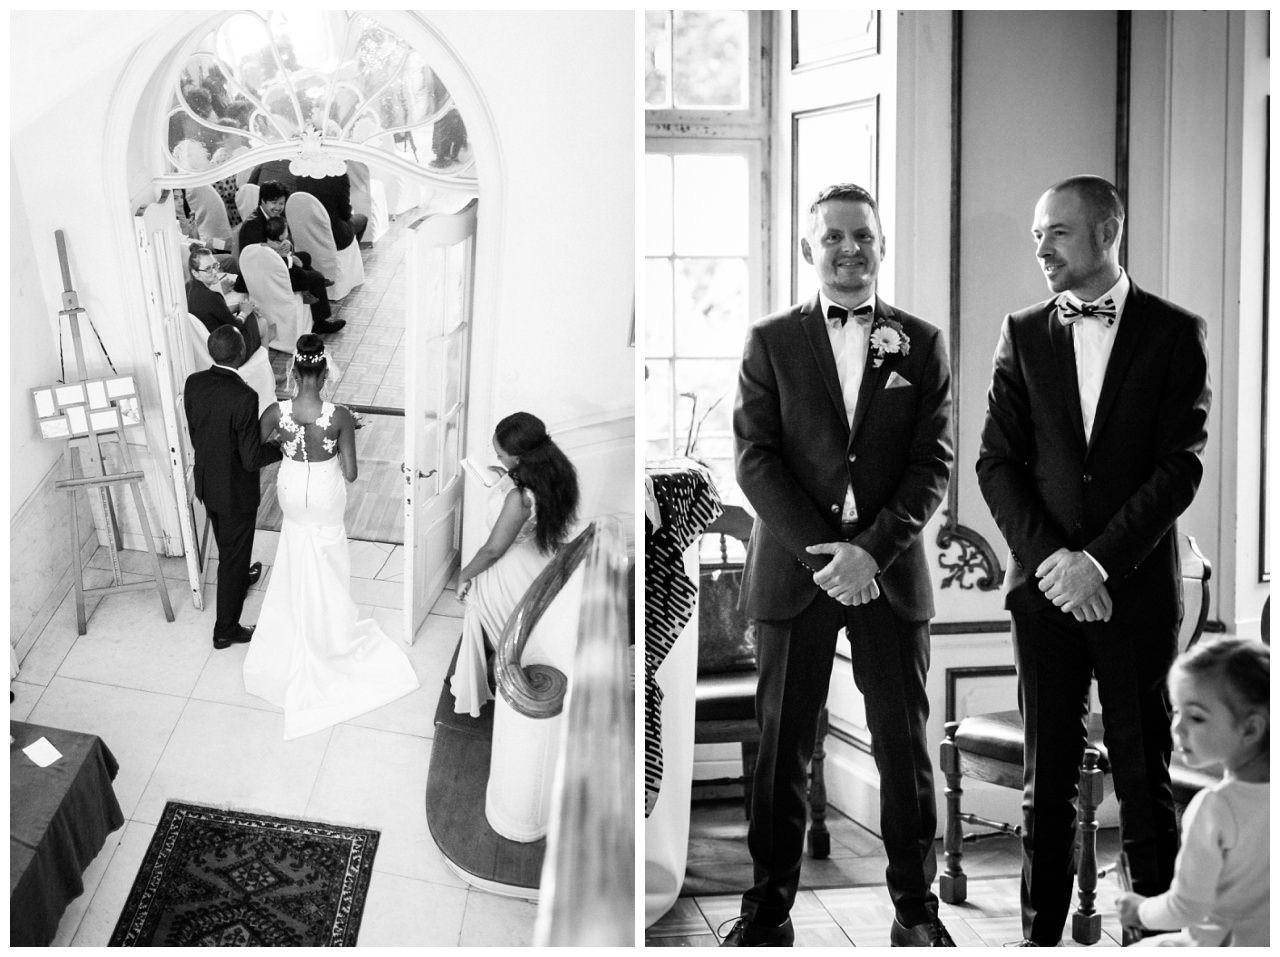 Bräutigam und Trauzeuge warten am Altar auf die Braut.